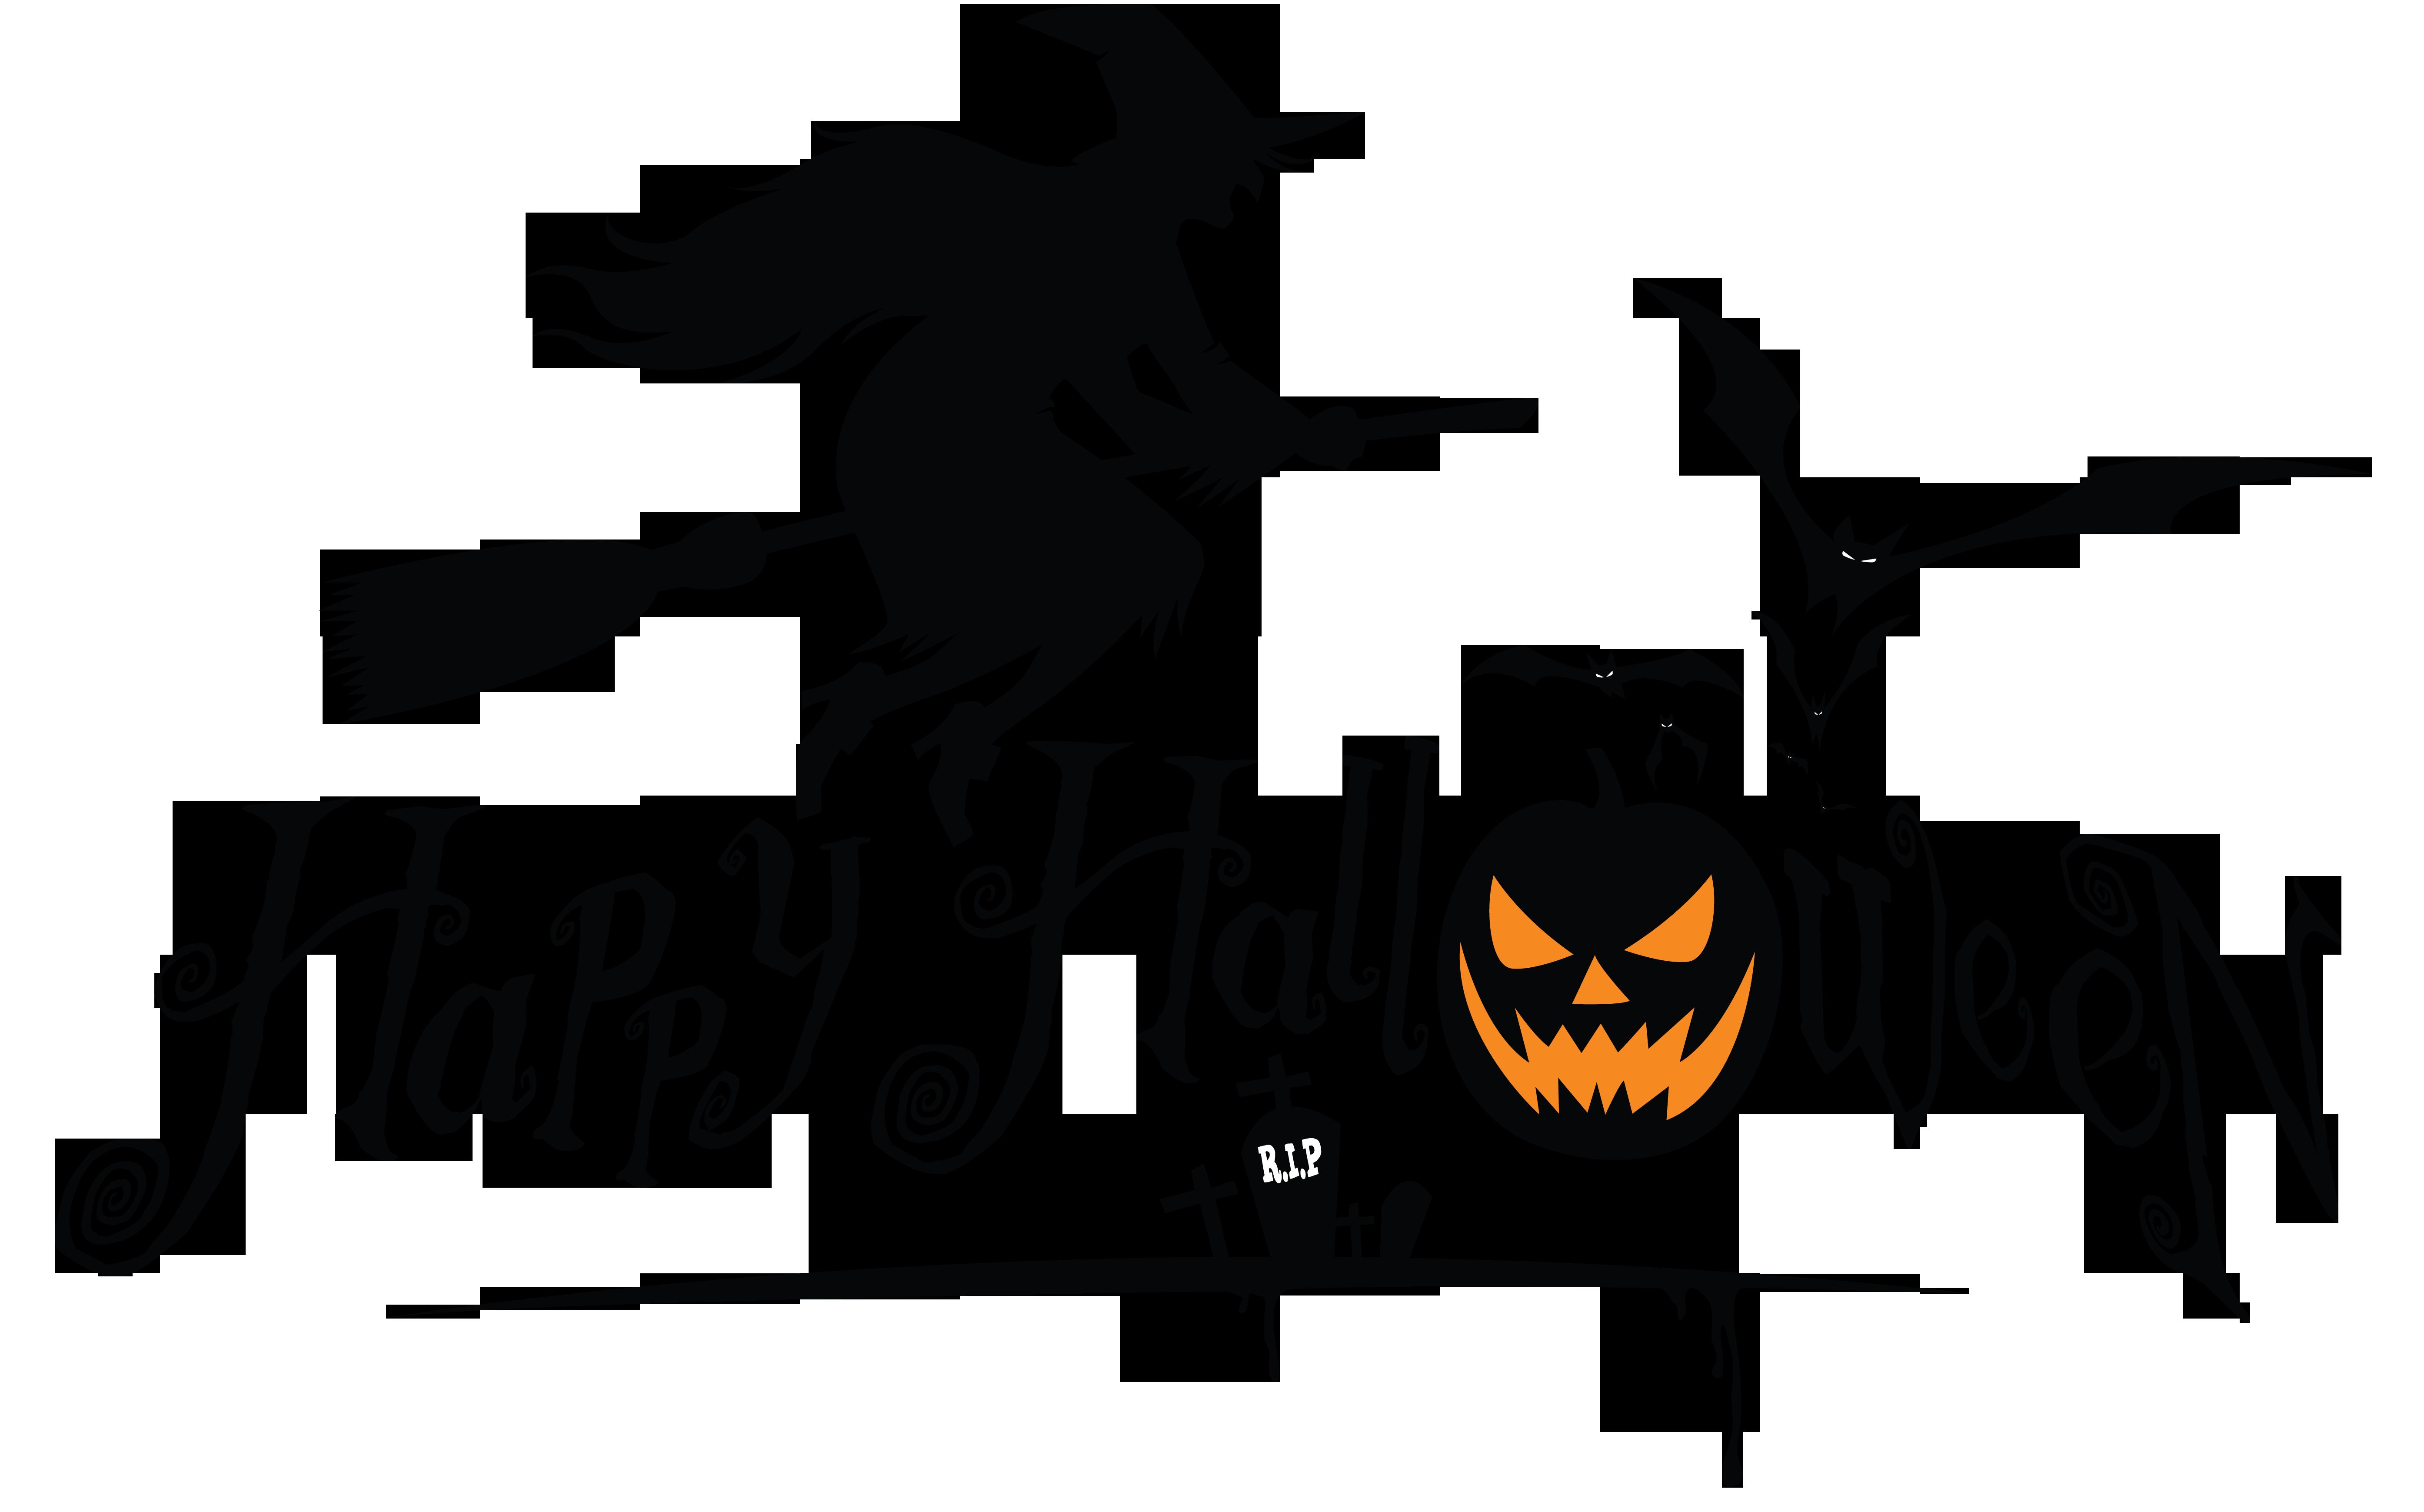 Halloween PNG - 12382